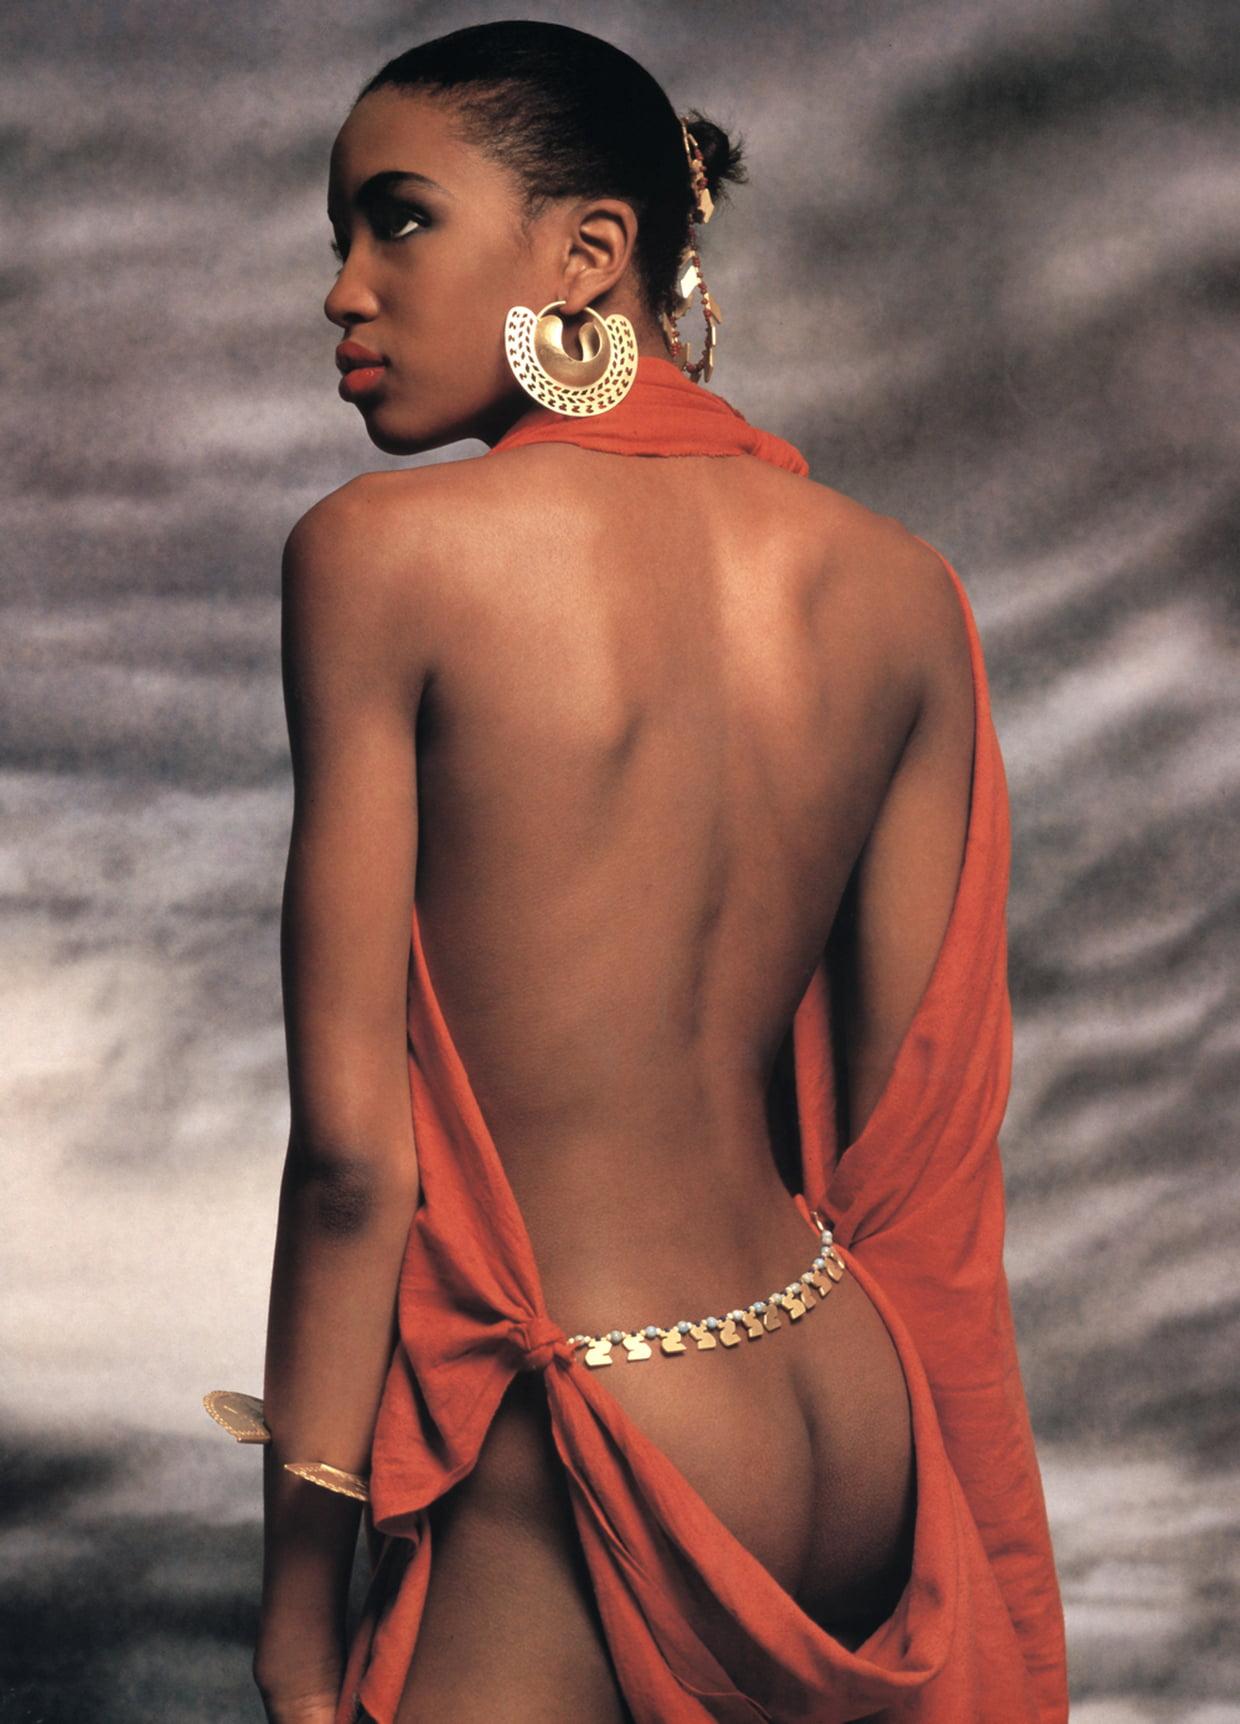 Фотография Теренса Донована для календаря Pirelli 1987. Модель: Наоми Кэмпбелл